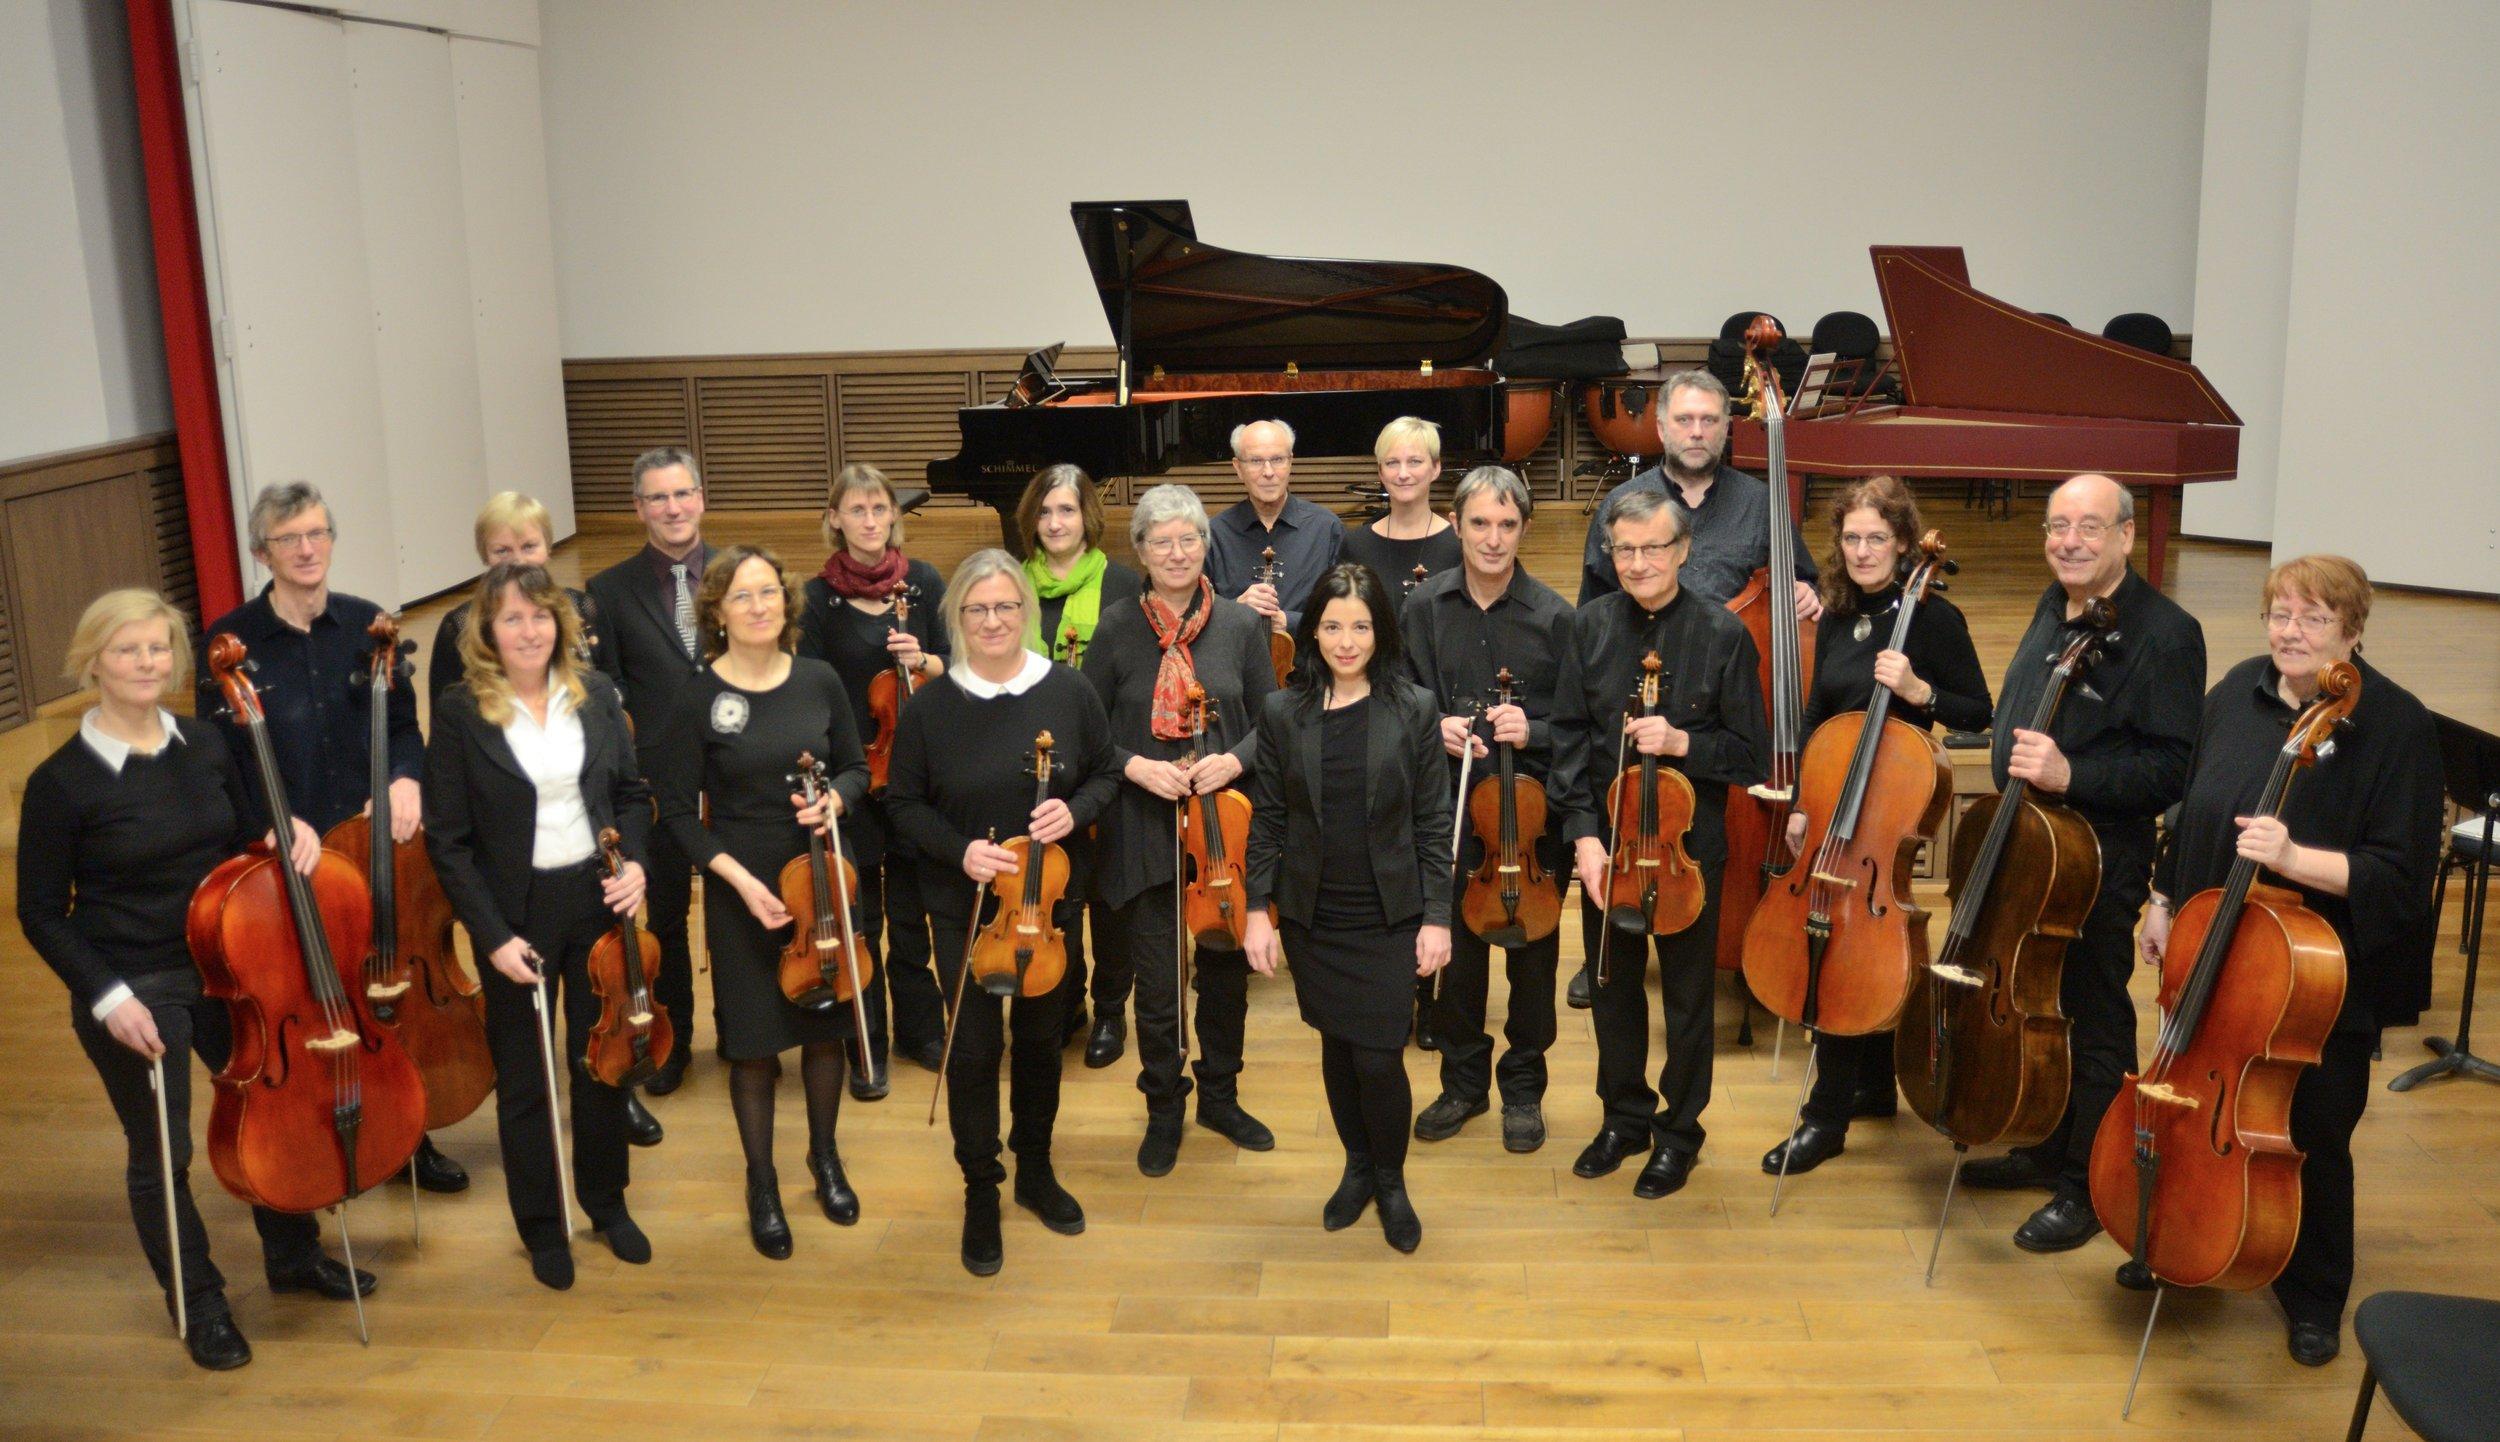 Kammerorchester vont Konservatorium, Musikschule der Hanse- und Universitätsstadt Rostock